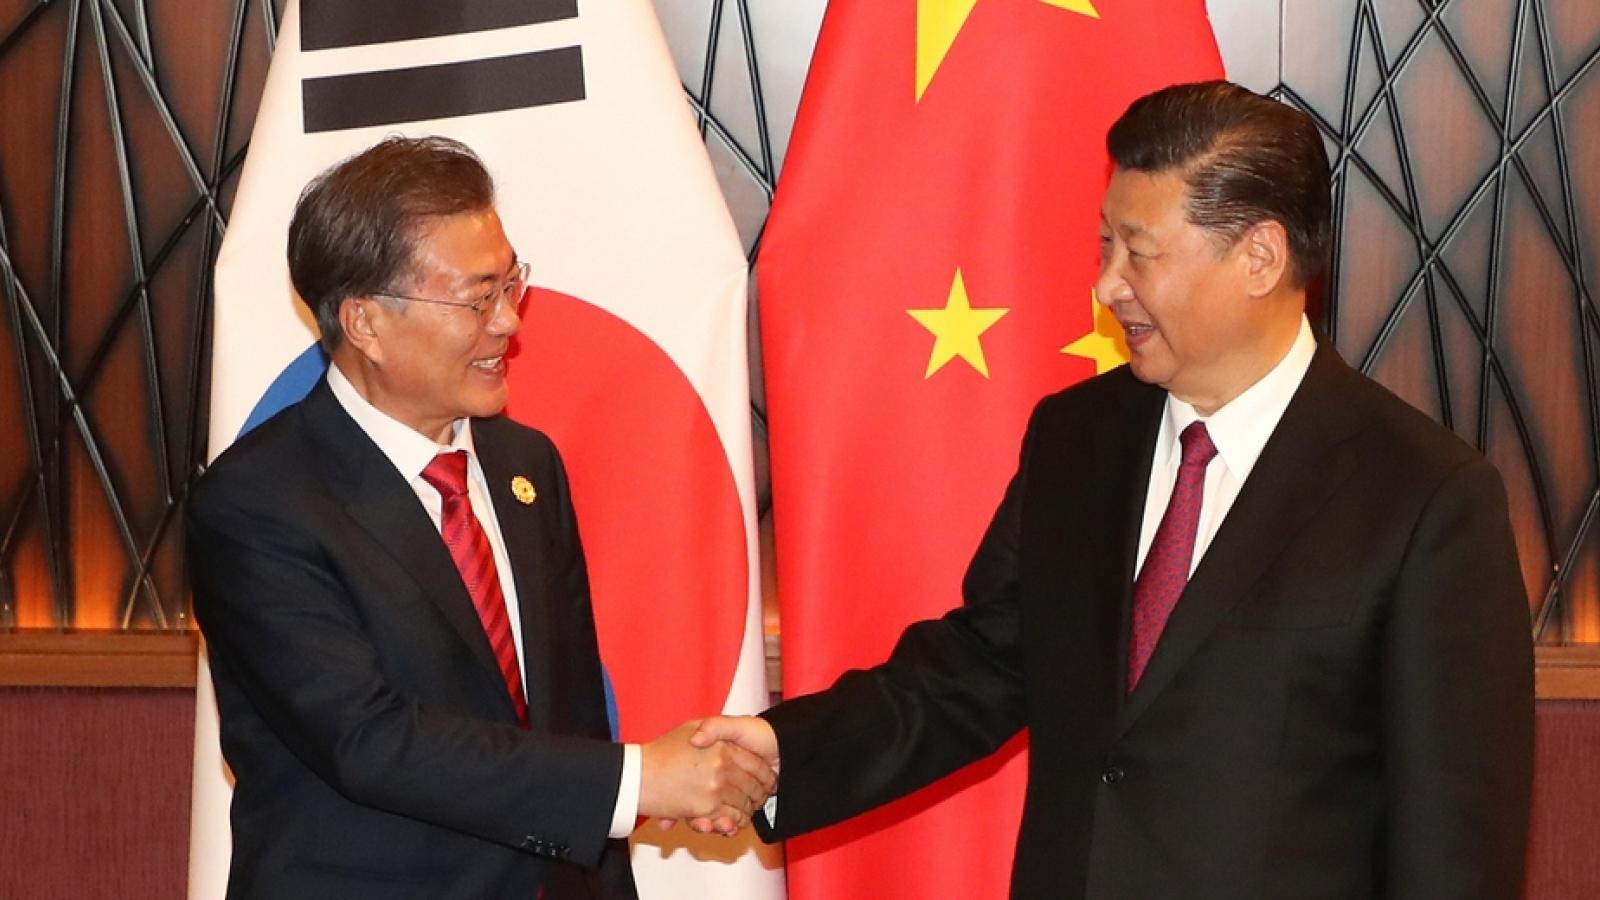 Chủ tịch Trung Quốc hy vọng sớm có chuyến thăm tới Hàn Quốc